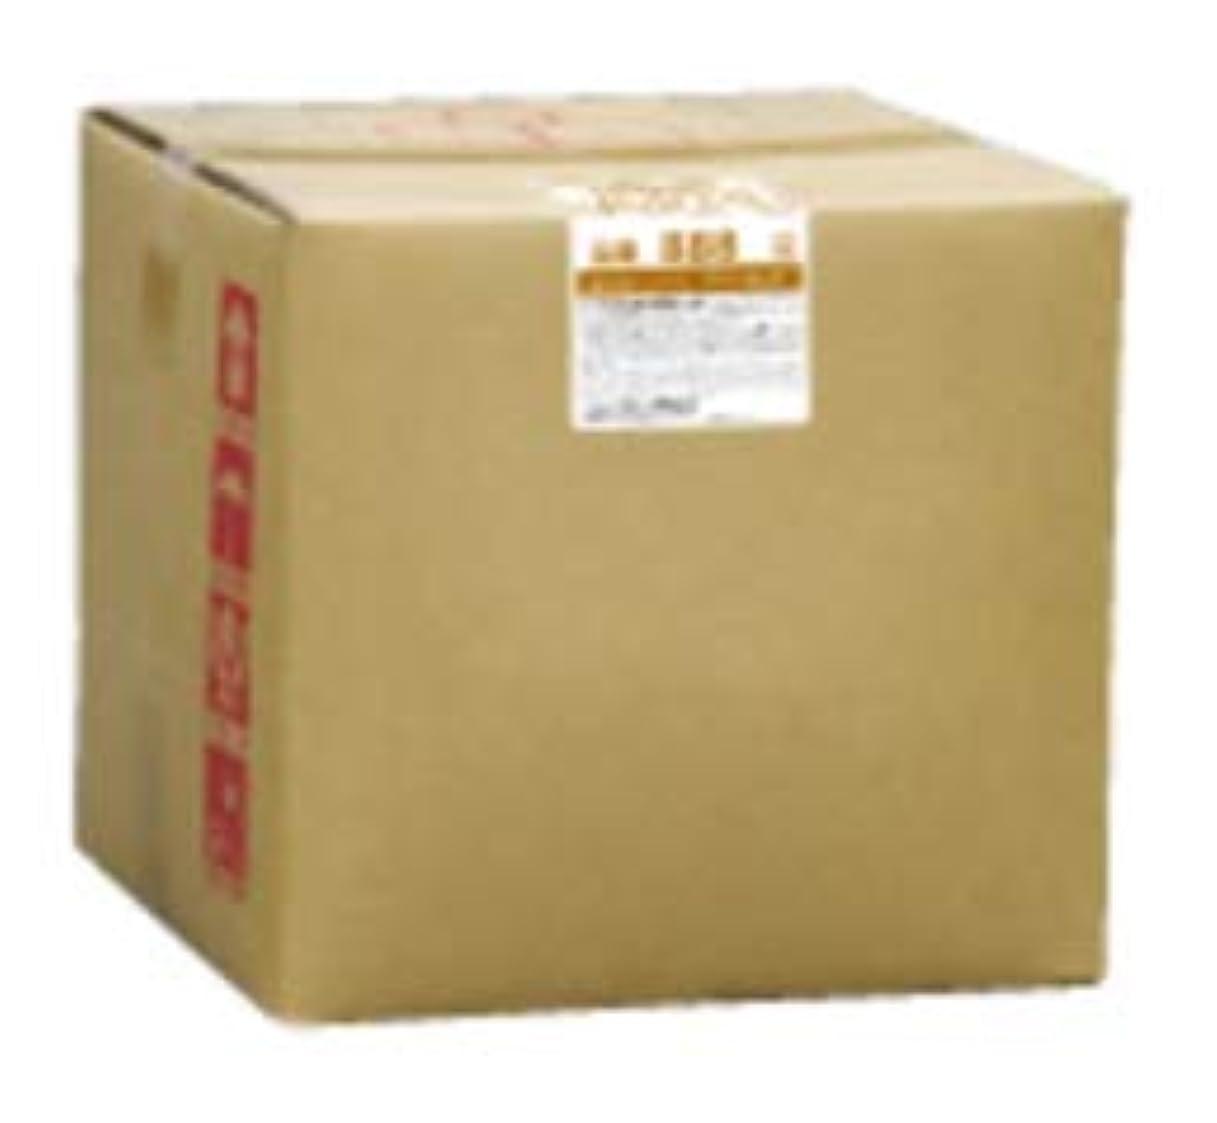 ビート人事ノートフタバ化学 スパジアス ボディソープ 18L 詰め替え 800ml専用空容器付 黒糖と蜂蜜